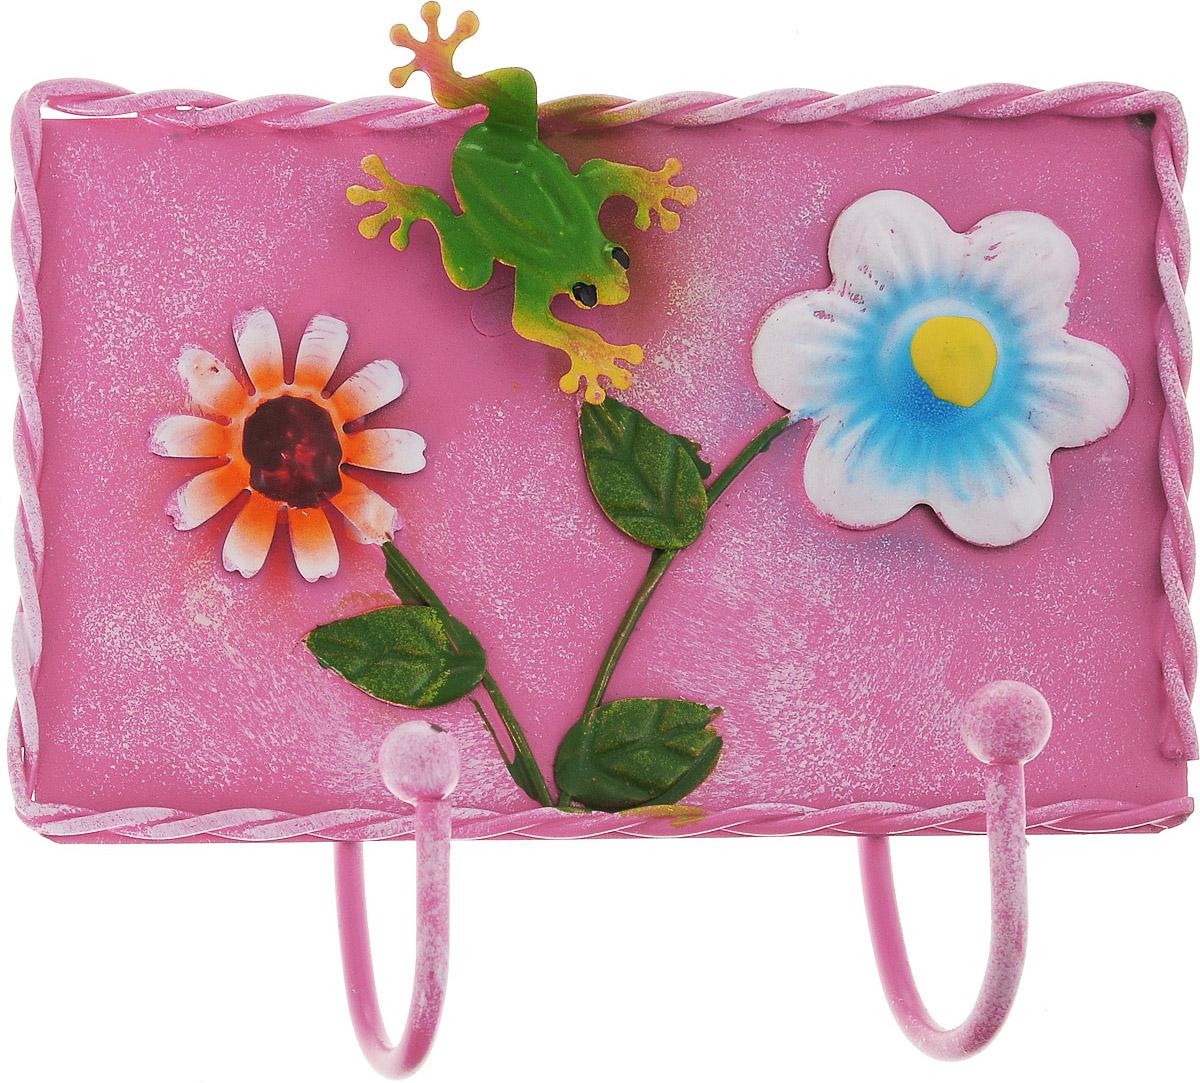 Вешалка-крючок Magic Home, 13,8 х 12,6 см43886Настенная вешалка-крючок Magic Home, изготовленная из жести, имеет 2 крючка и декорирована объемными фигурками в виде цветов и лягушки. Вешалка-крючок идеальна для спальни, прихожей, ванной комнаты. Крепежные элементы для монтажа к стене не входят в комплект.